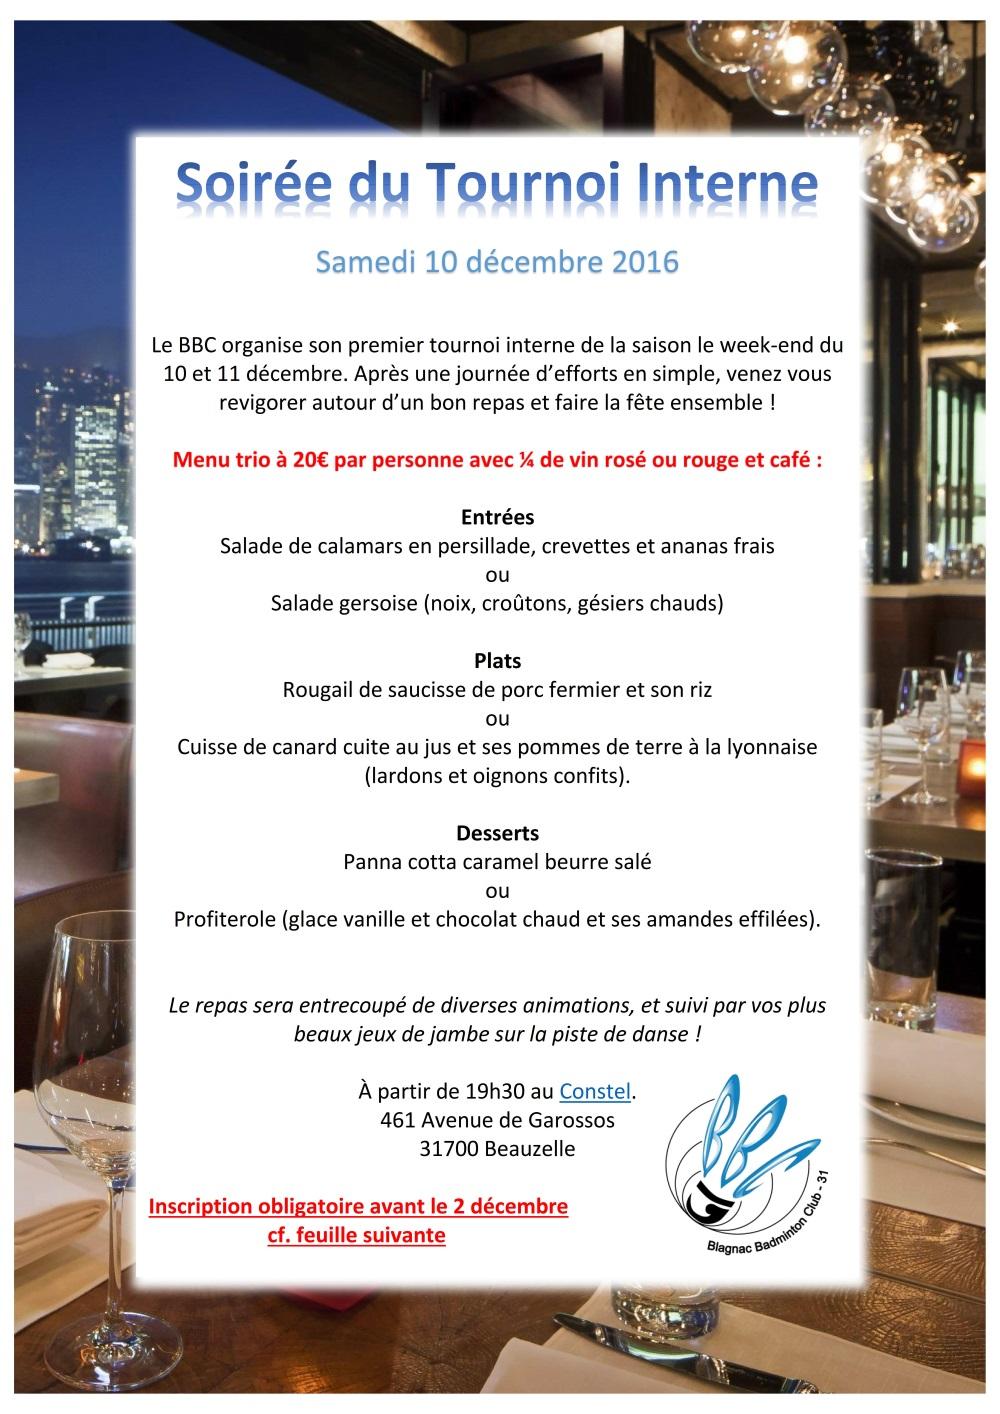 soiree_tournoi_1